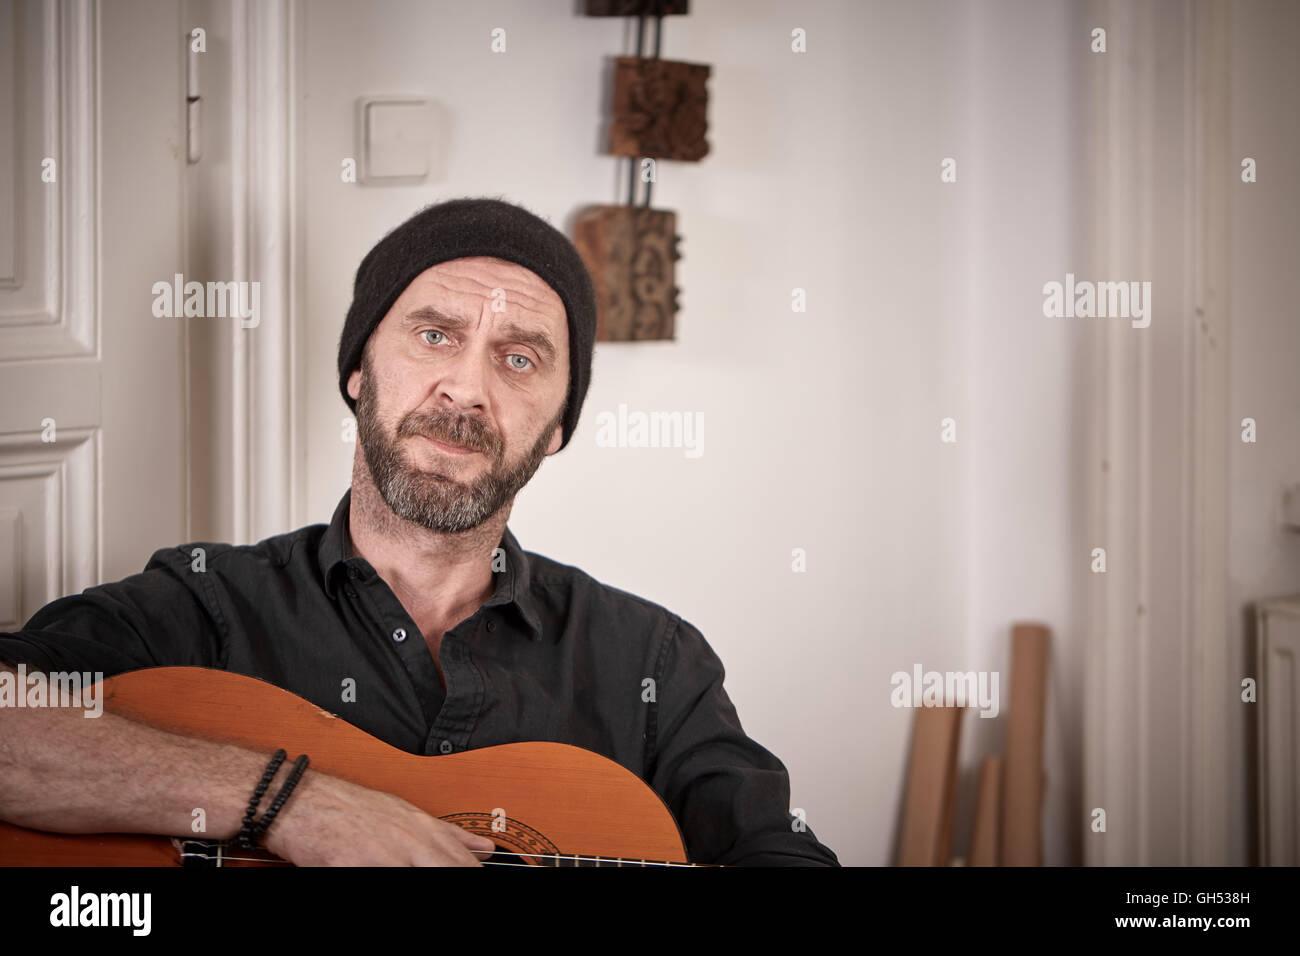 Alte Hiptser mit Bart und Hut hält eine Gitarre zu Hause sitzen vor der Tür Stockbild